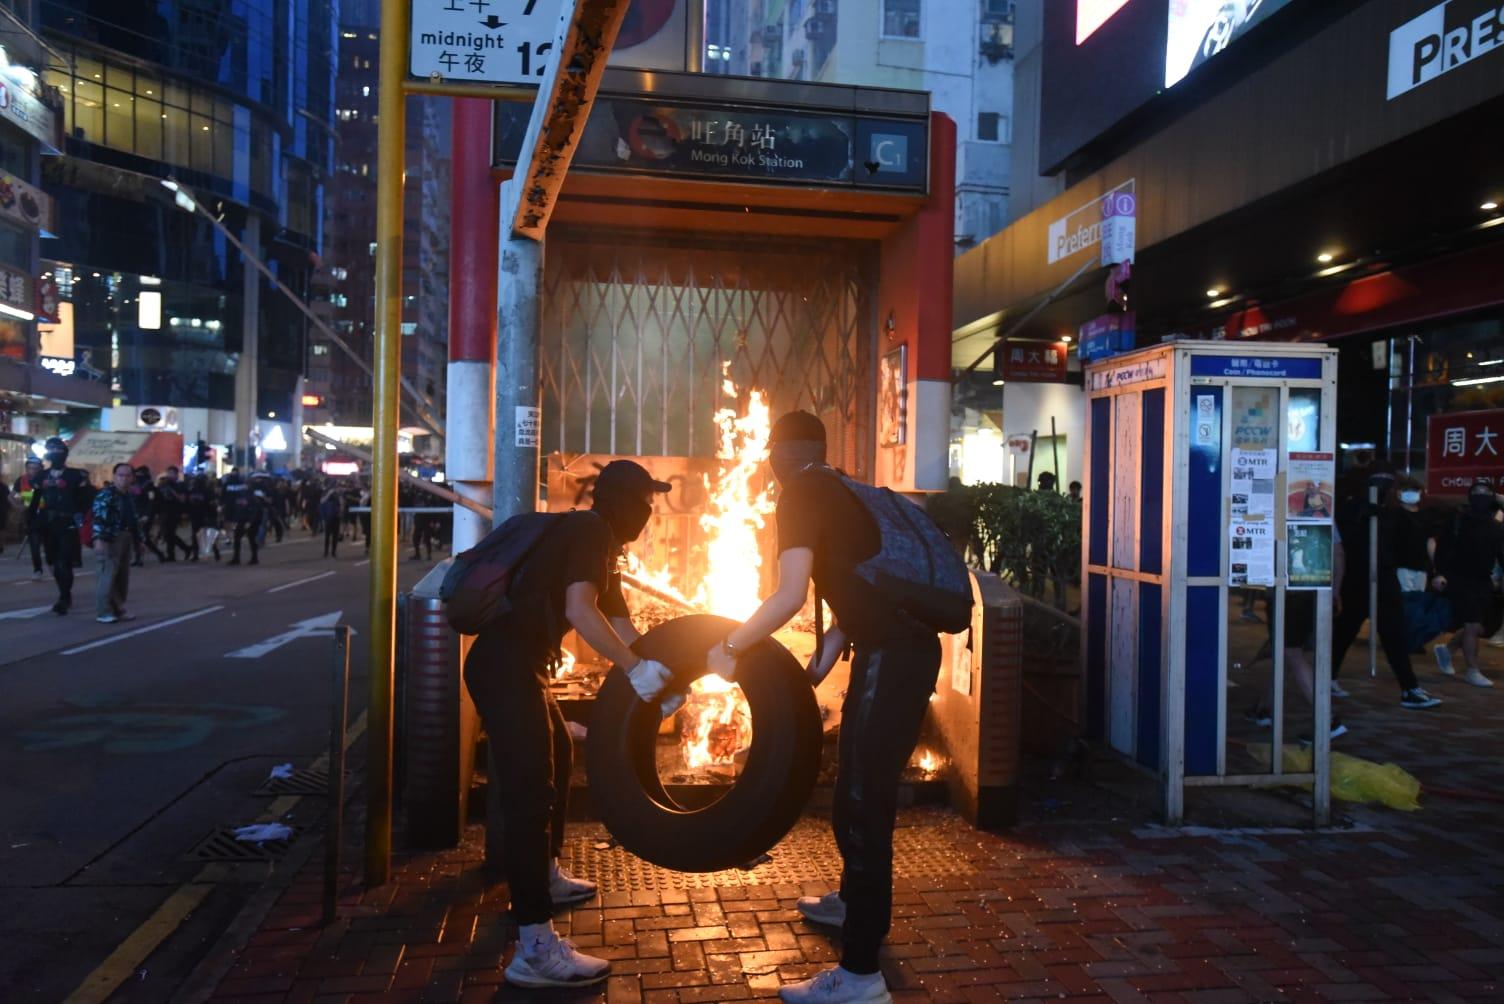 本港爆發激烈衝突